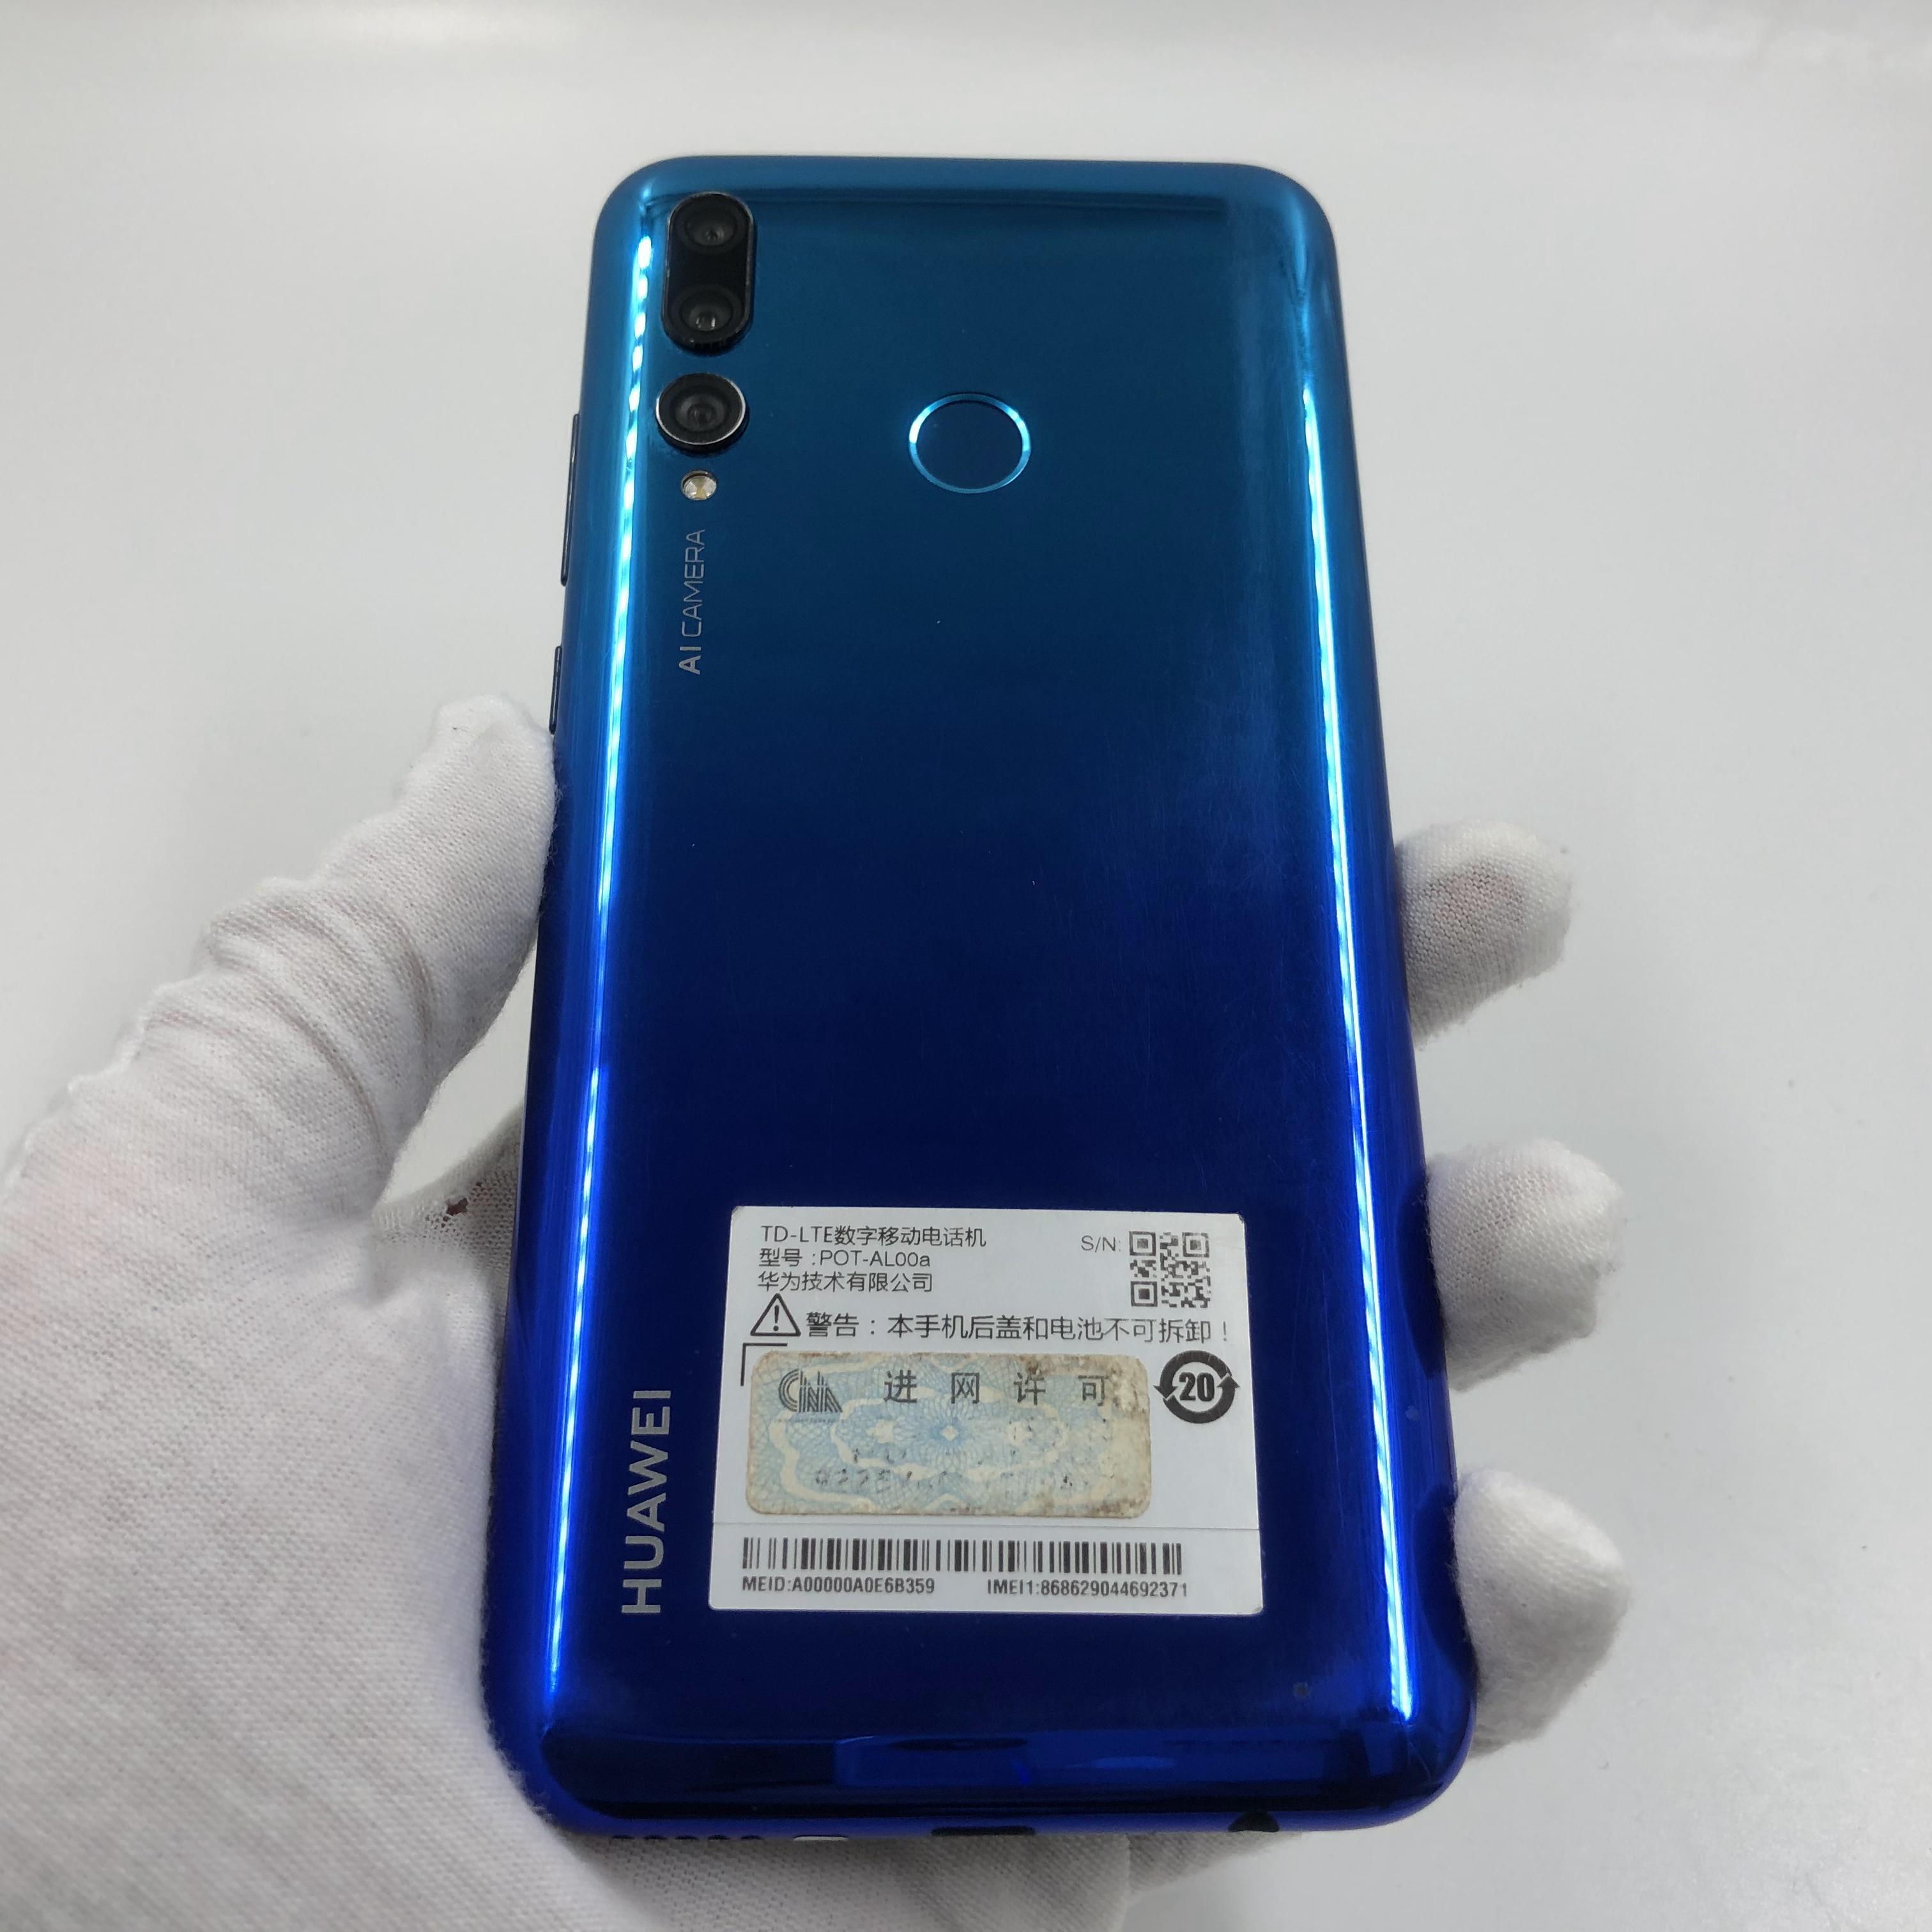 华为【畅享9S】4G全网通 蓝色 4G/128G 国行 8成新 真机实拍